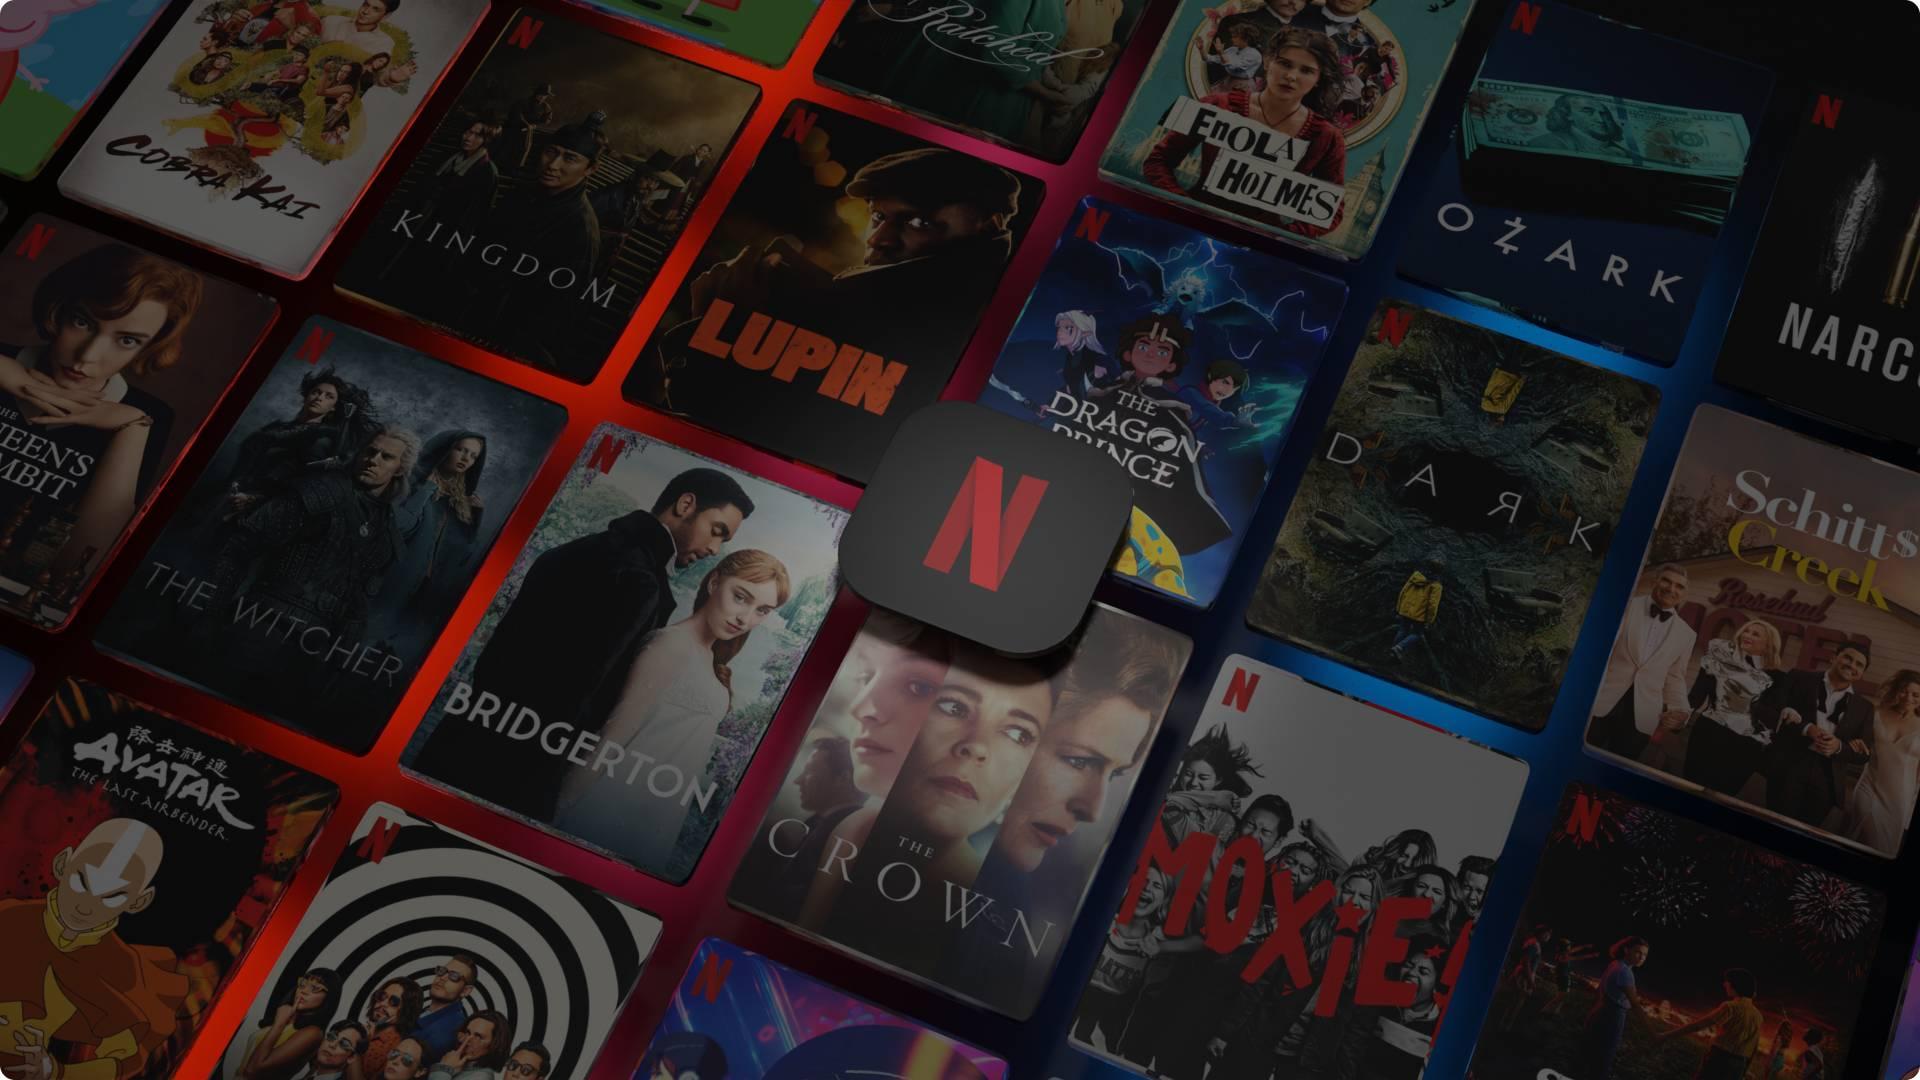 નેટફ્લિક્સ હવે વીડિયો ગેમિંગ માર્કેટમાં એન્ટ્રી કરશે, કંપનીએ વીડિયો ગેમ એક્ઝિક્યુટિવની શોધ શરૂ કરી|ગેજેટ,Gadgets - Divya Bhaskar